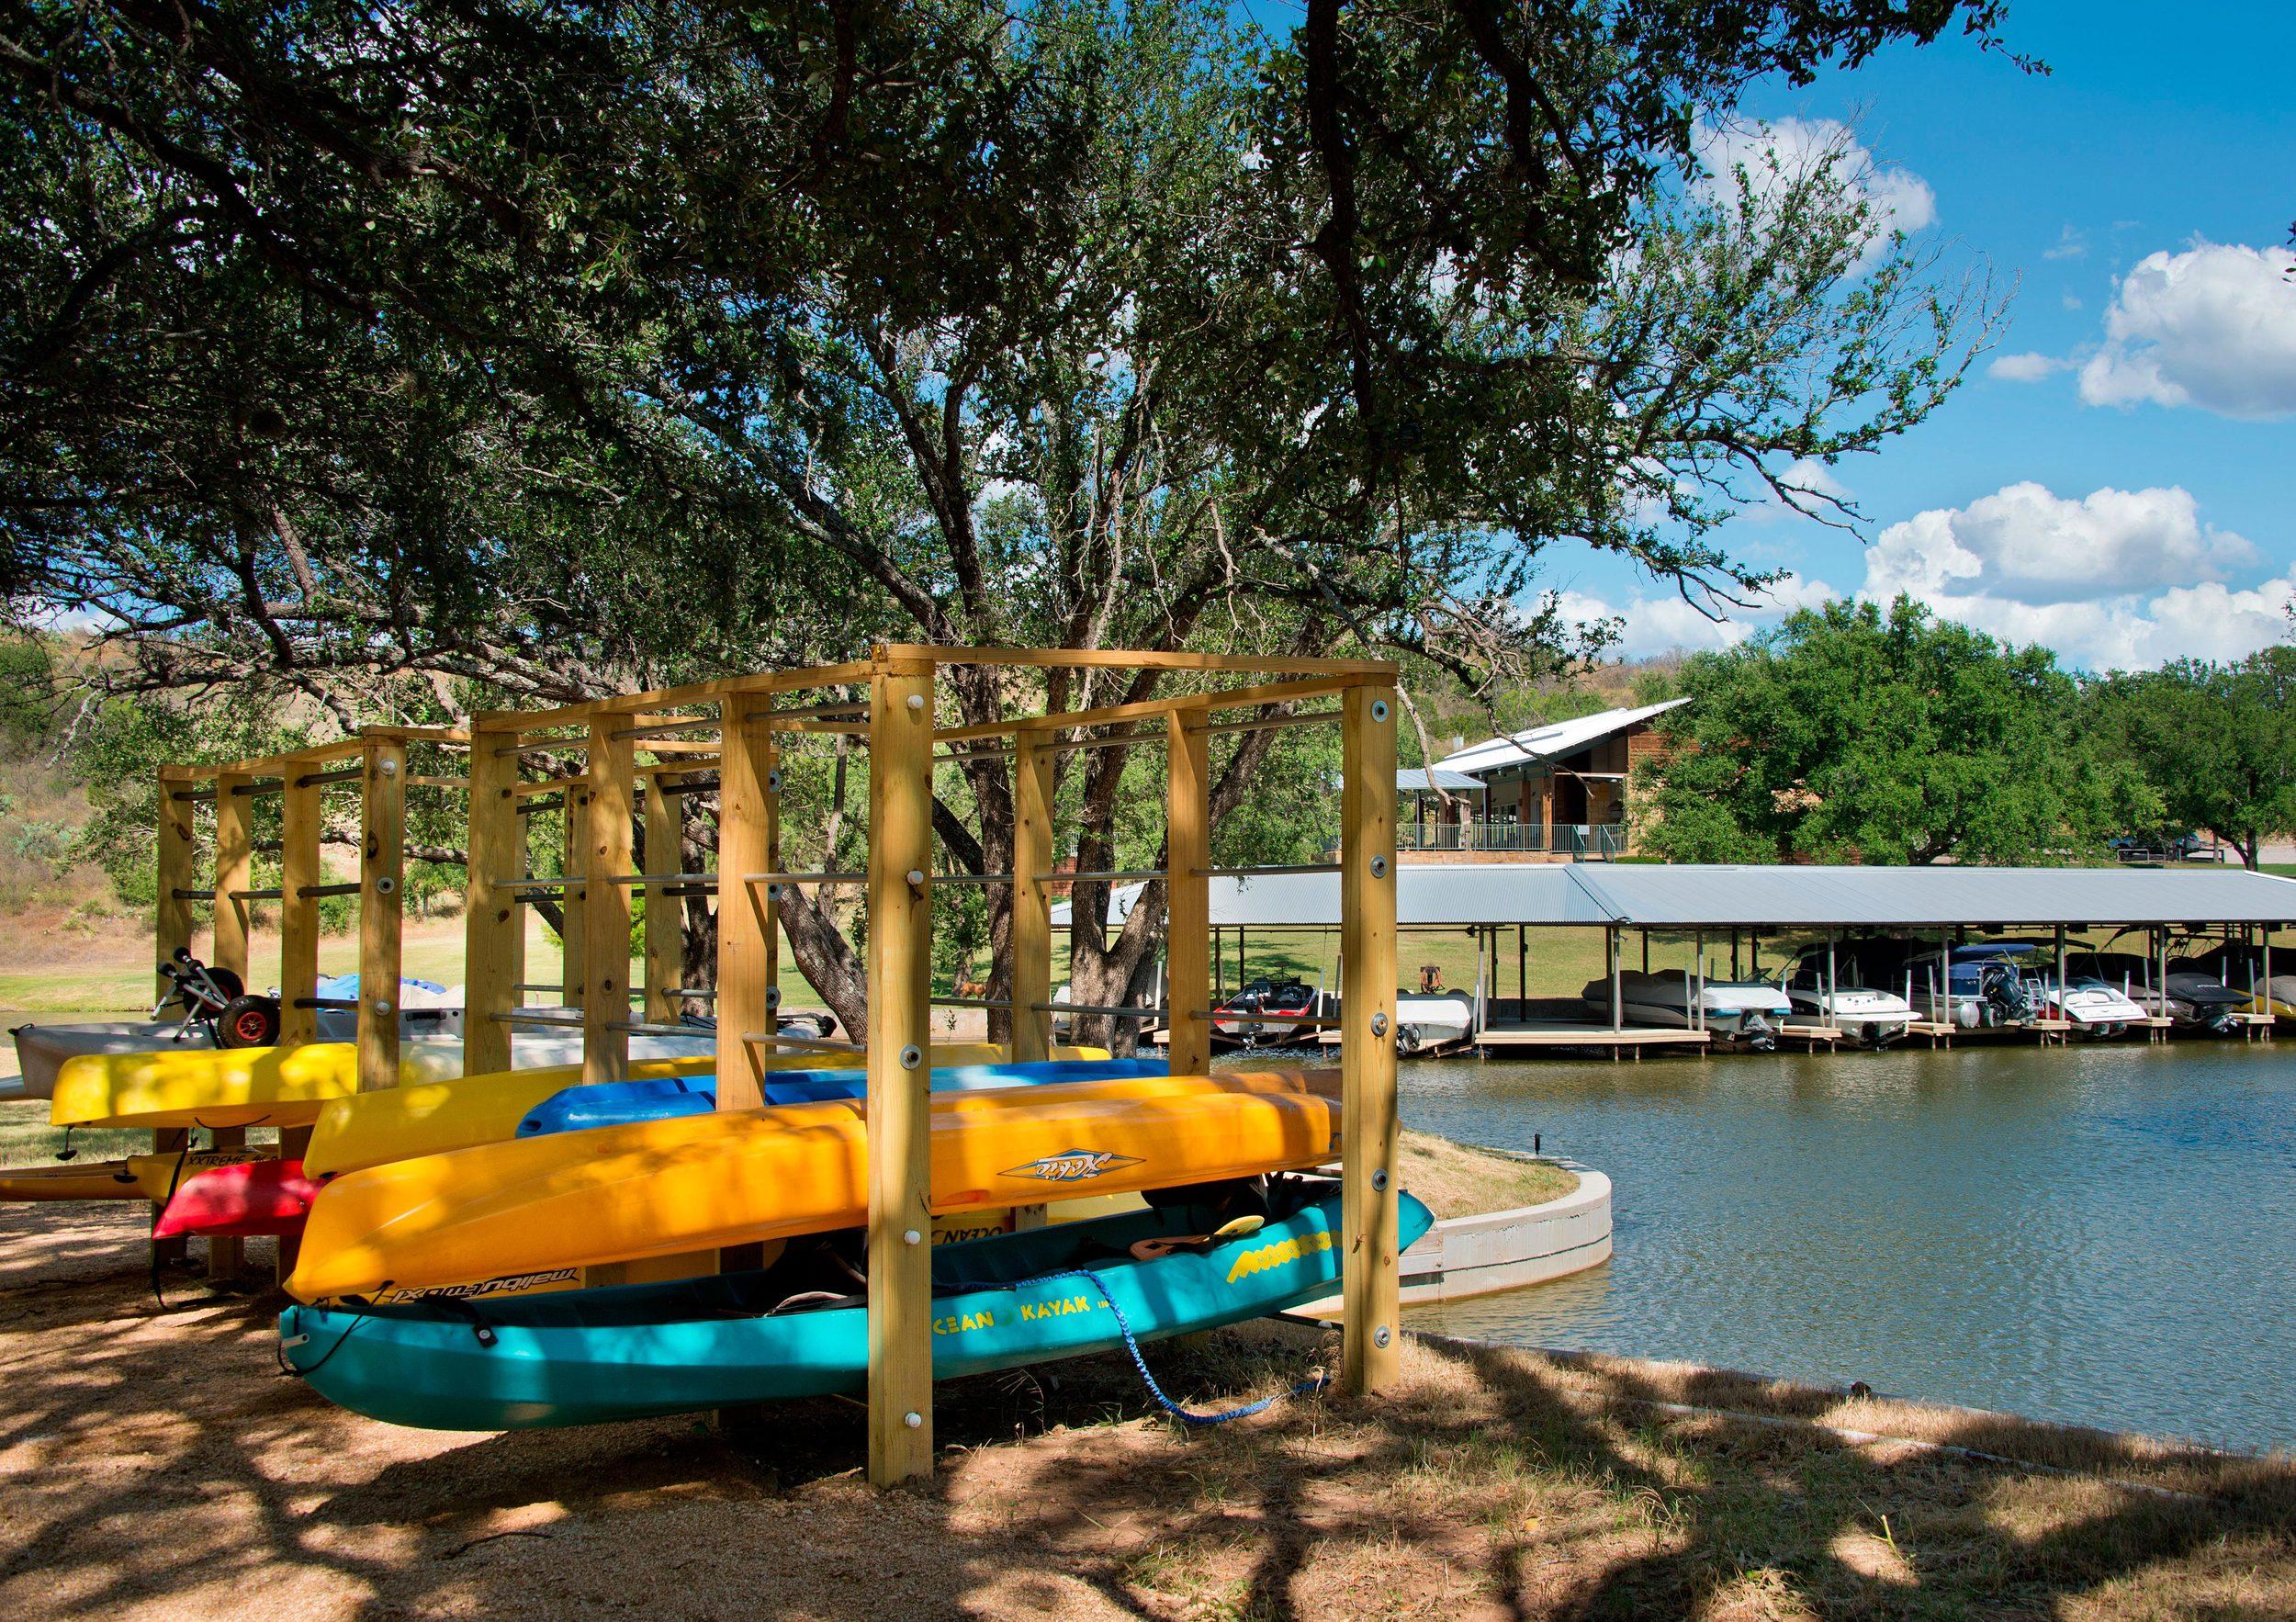 Kayak and Paddle Board Storage at the Marina